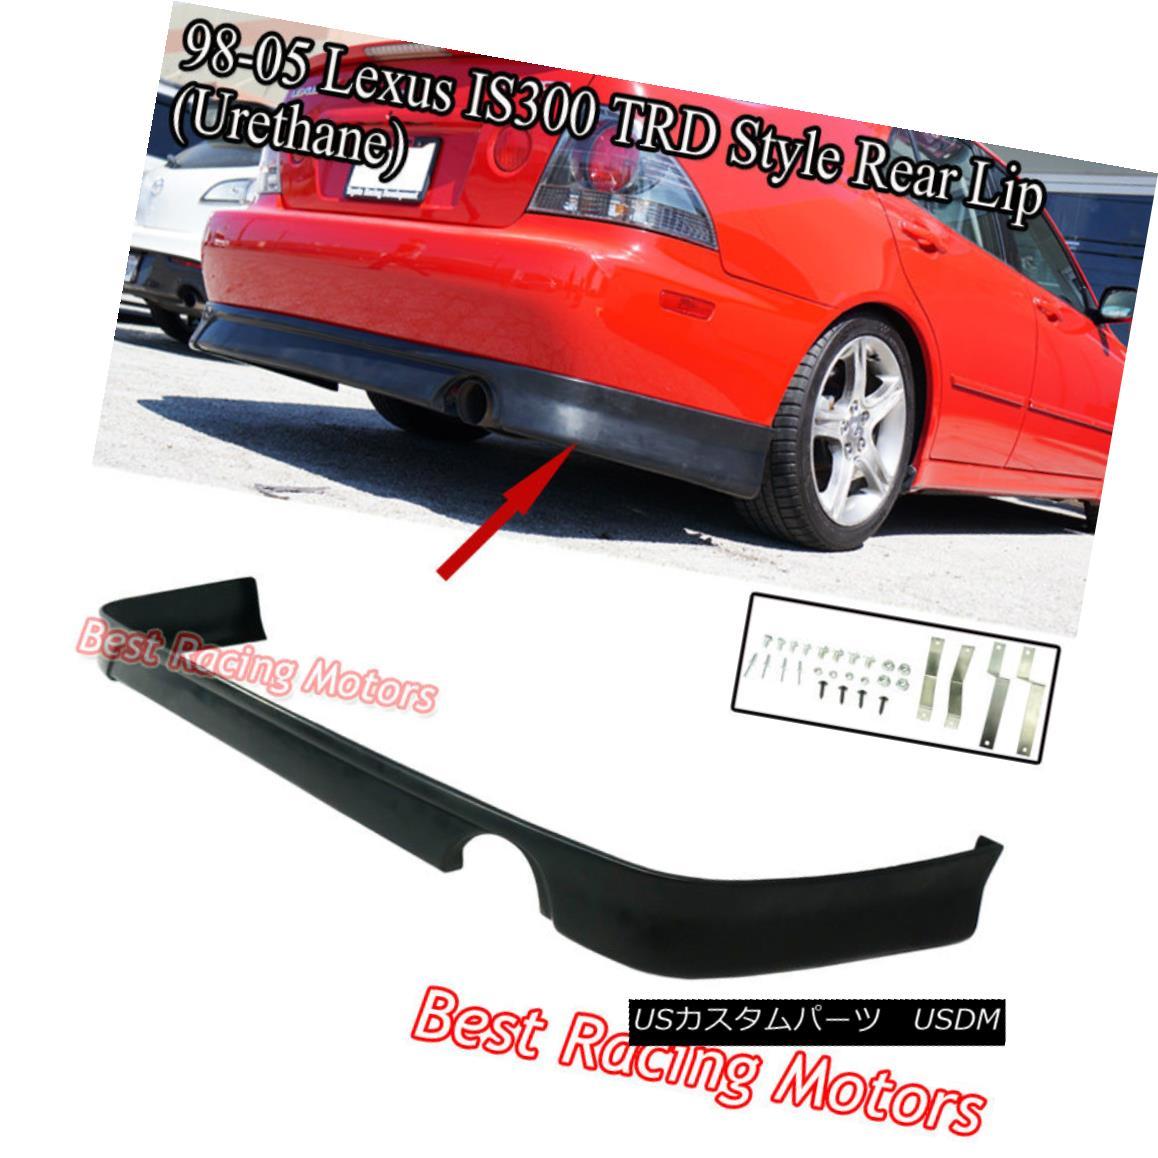 エアロパーツ TR Style Rear Lip (Urethane) Fits 01-05 Lexus IS300 4dr TRスタイルリアリップ(ウレタン)適合01-05 Lexus IS300 4dr